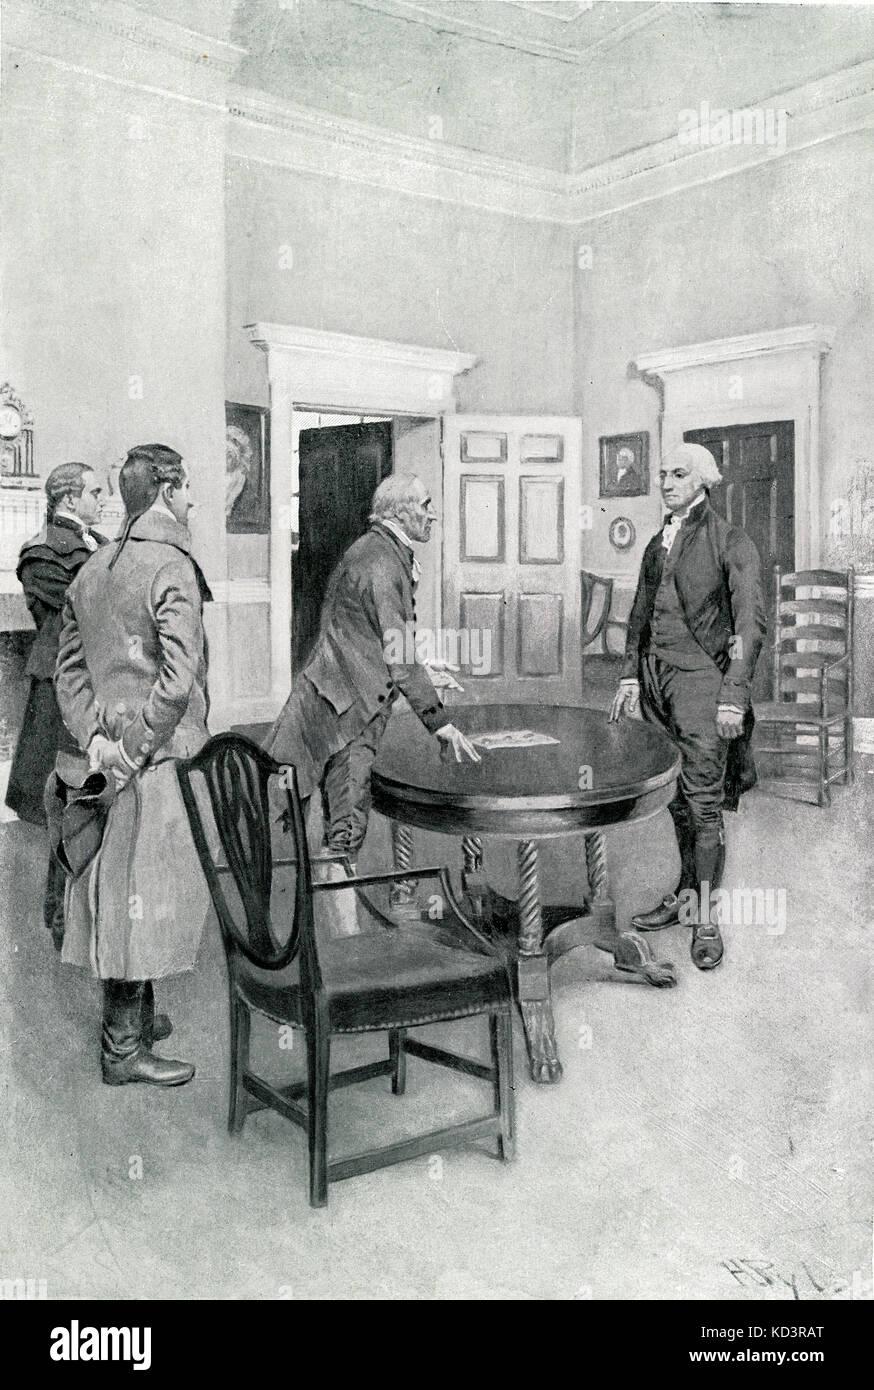 Charles Thompson kündigt George Washington seine Wahl zum ersten Präsidenten der Vereinigten Staaten in Mount Vernon, 1789 an. Illustration von Howard Pyle, 1896 Stockfoto